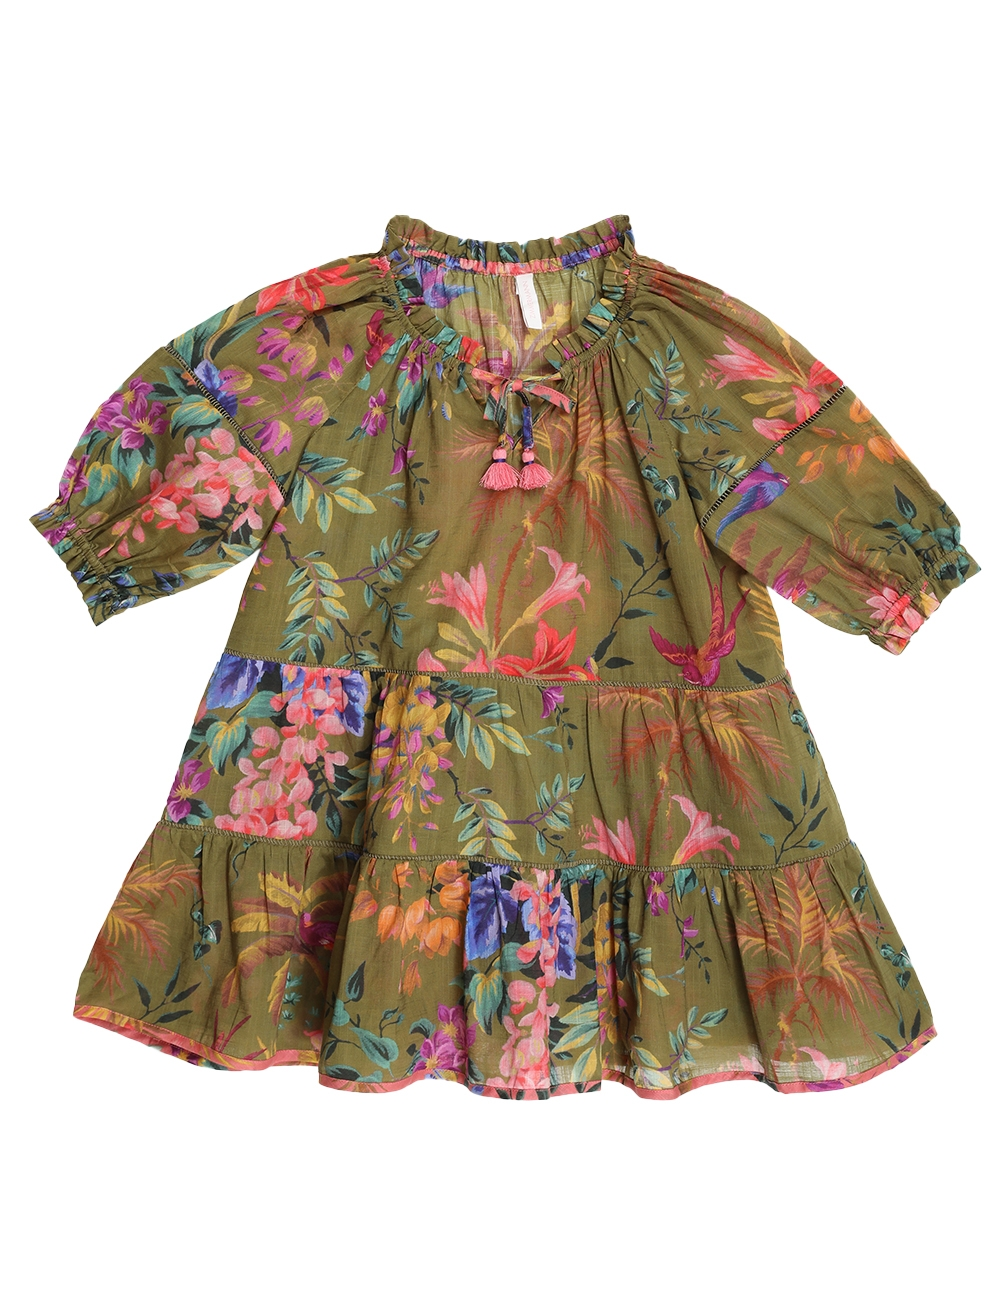 Tropicana Trim Dress